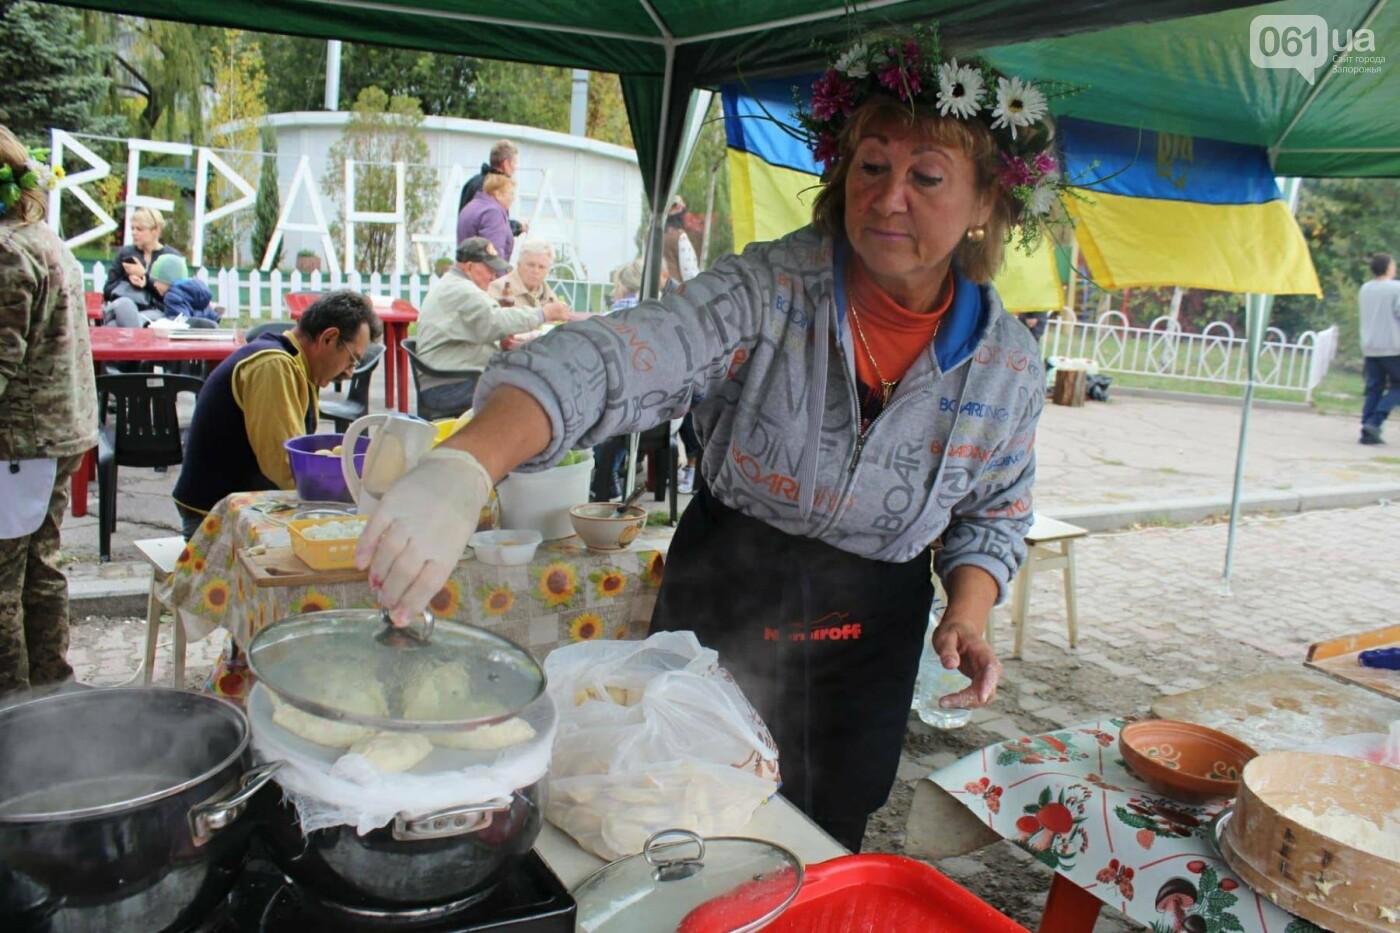 Водка, трусы и картошка: в Запорожье стартовала Покровская ярмарка, - ФОТОРЕПОРТАЖ, фото-9